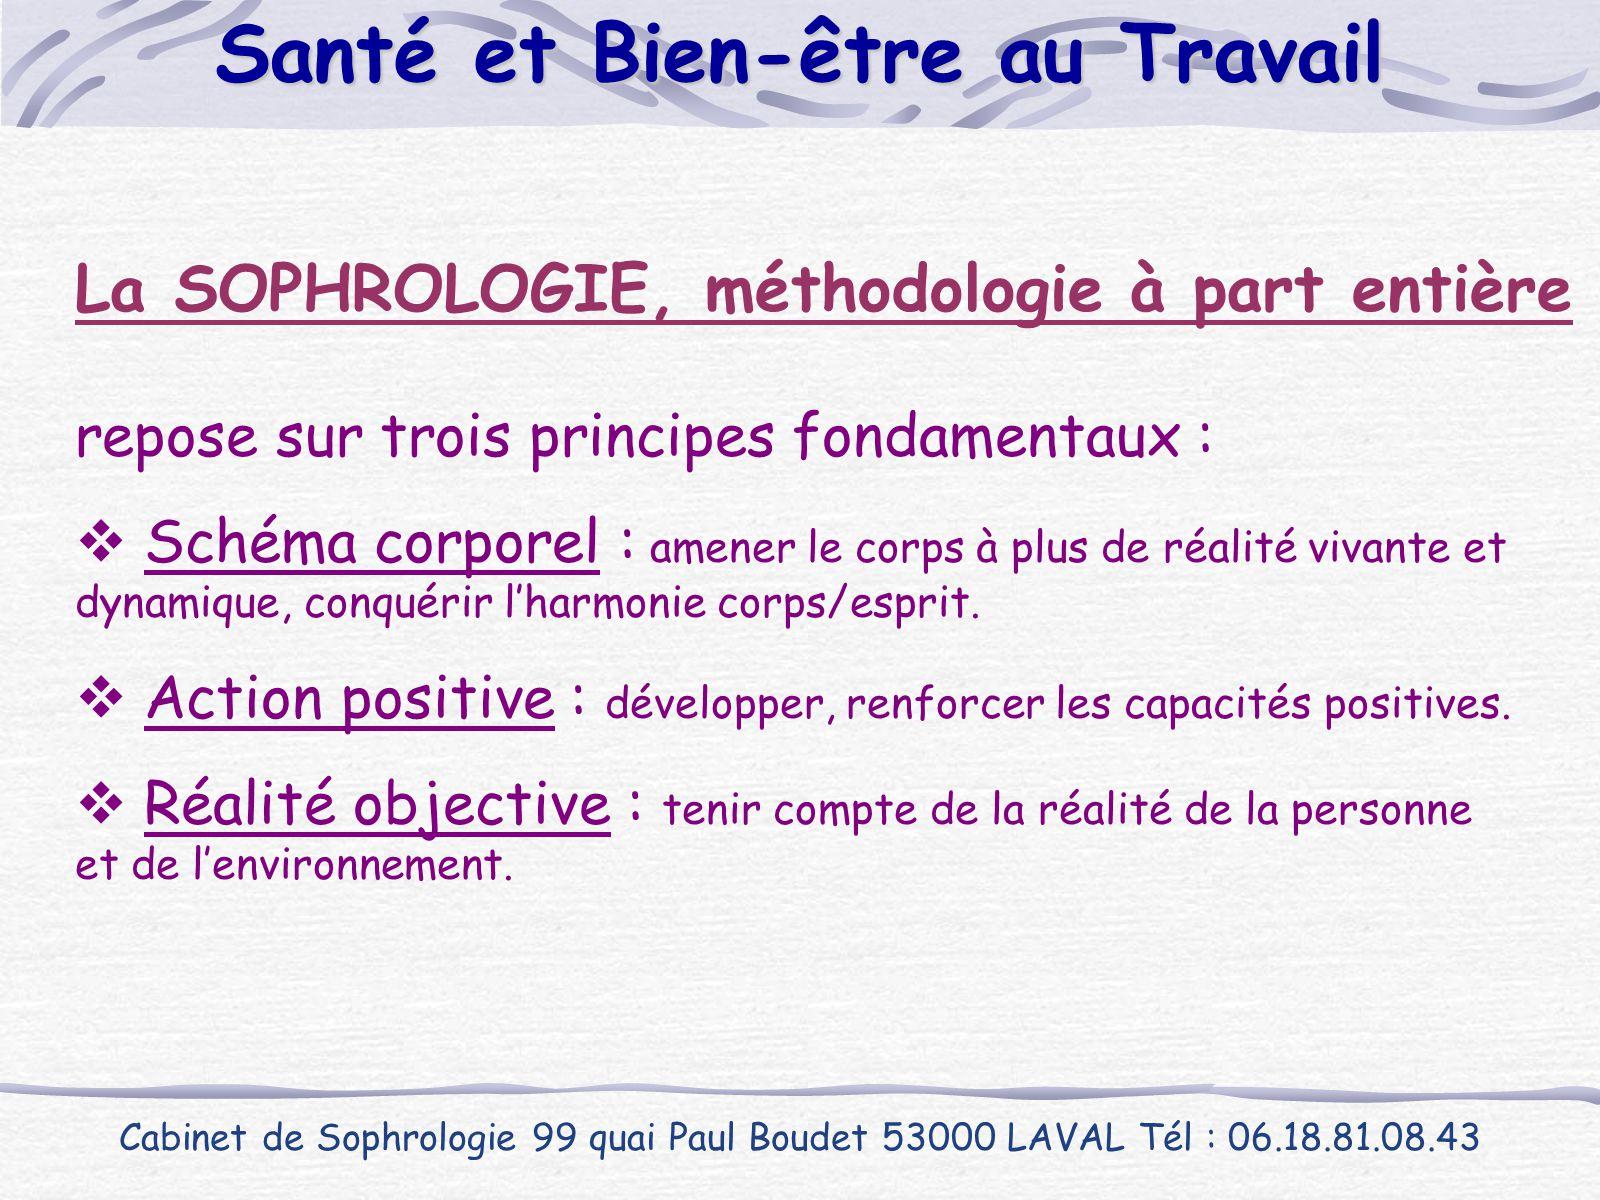 Cabinet de Sophrologie 99 quai Paul Boudet 53000 LAVAL Tél : 06.18.81.08.43 Santé et Bien-être au Travail La SOPHROLOGIE, méthodologie à part entière